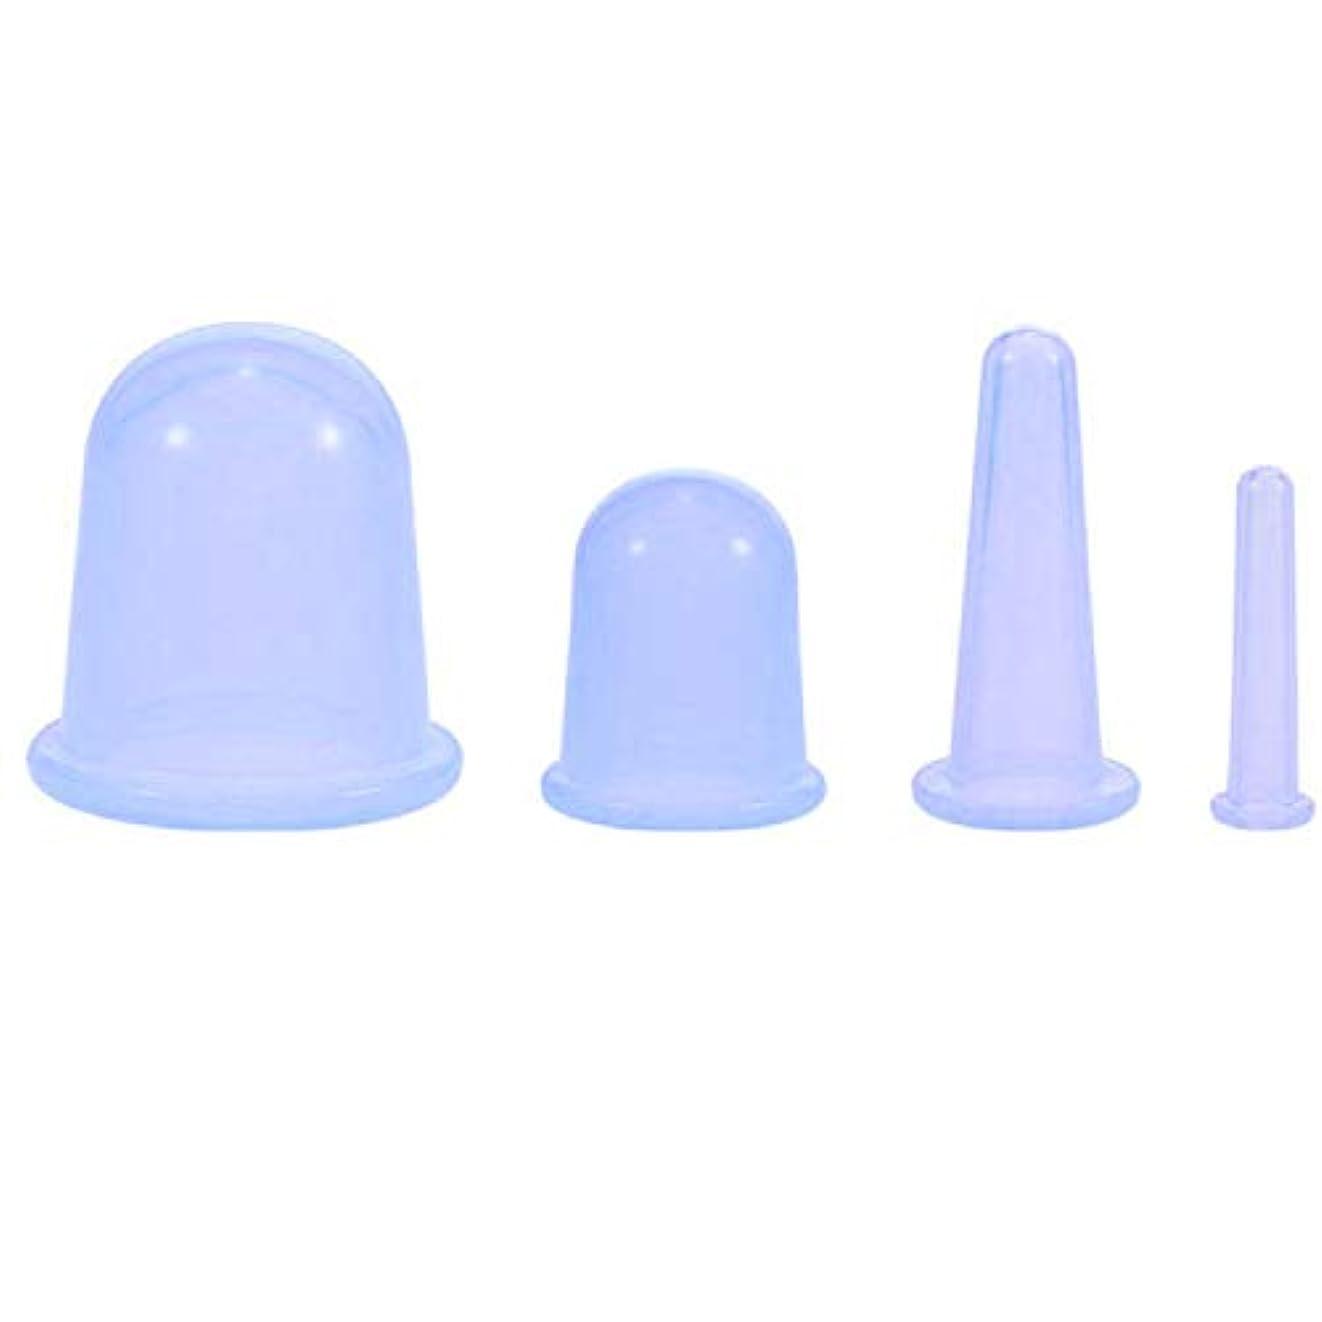 穴フリッパーマダムスライドカッピング シリコンカップ 4個セット ブルー 吸い玉 自宅 セルフケア 【スリムバーン】